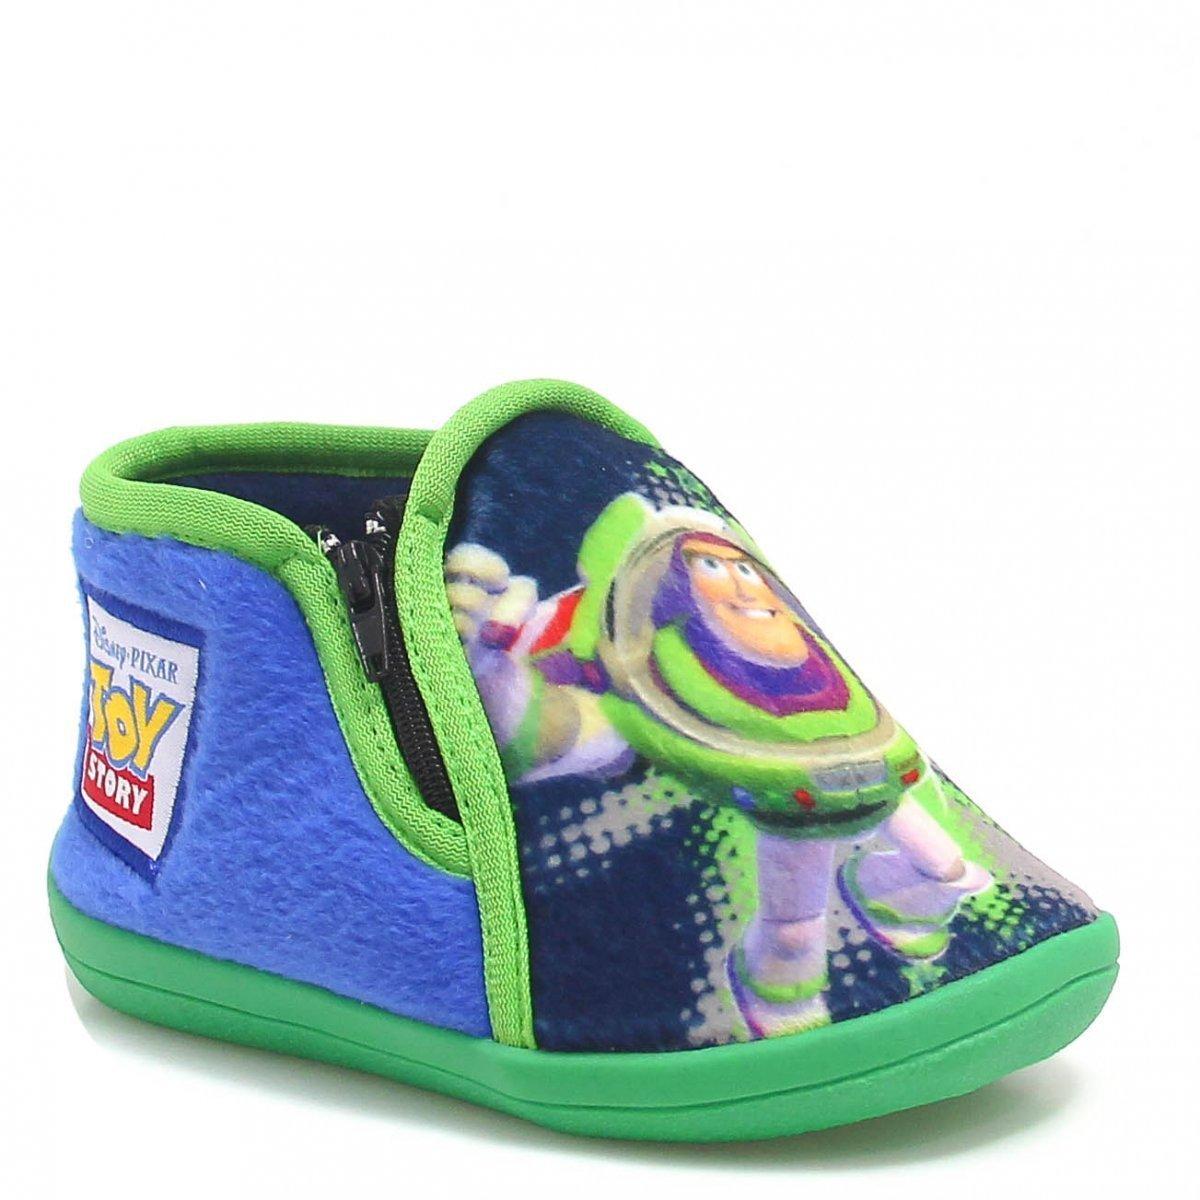 Pantufa Flat Infantil Buzz Lightyear Toy Story 25/26 - Ricsen 2525